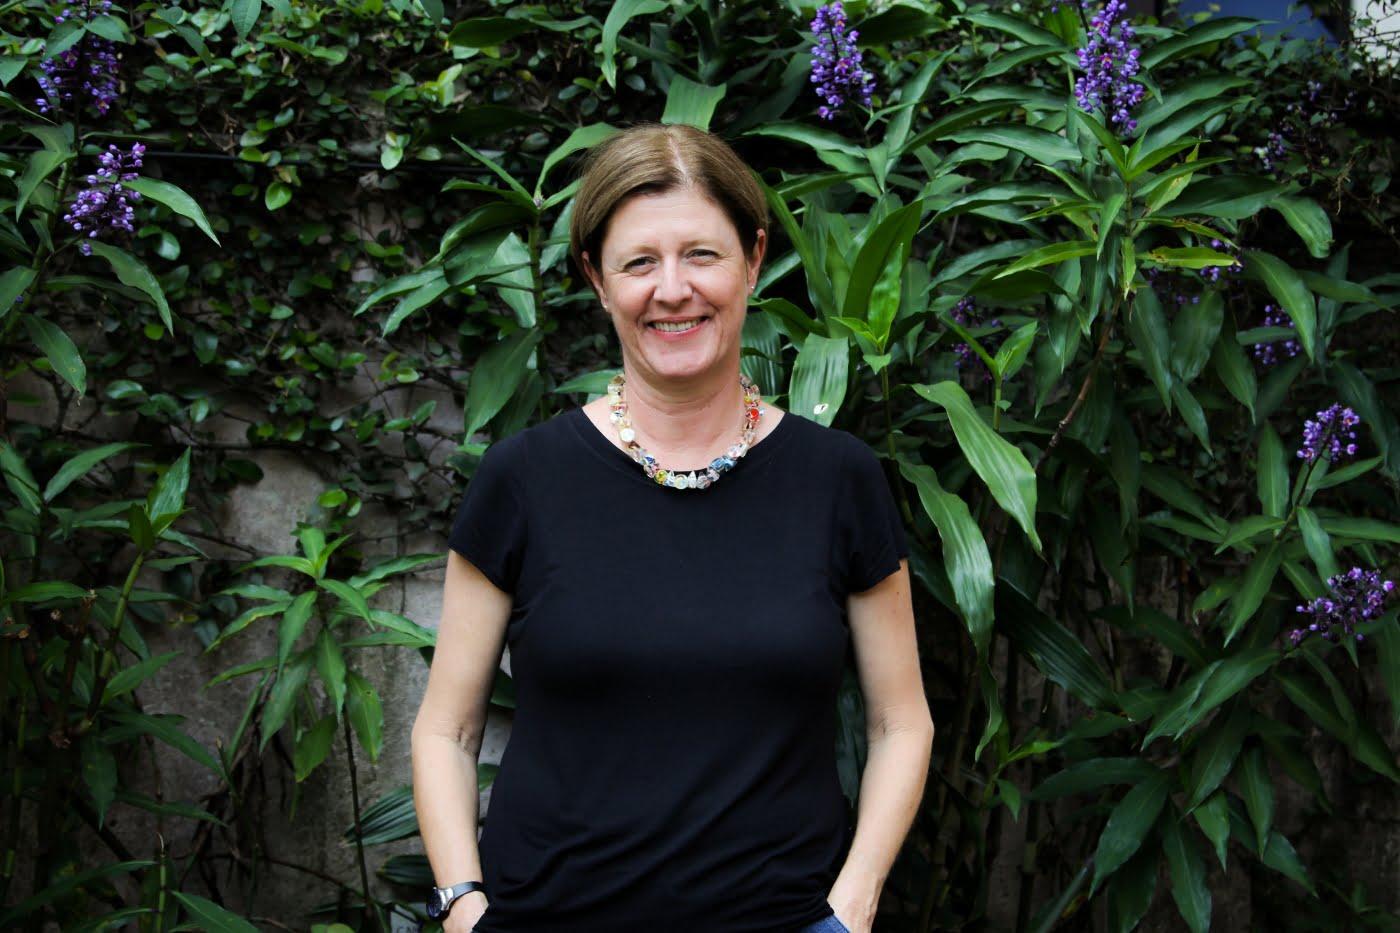 Aline Tristão, bióloga, é diretora do FSC no Brasil e conta algumas curiosidades sobre a certificação de madeira no país.